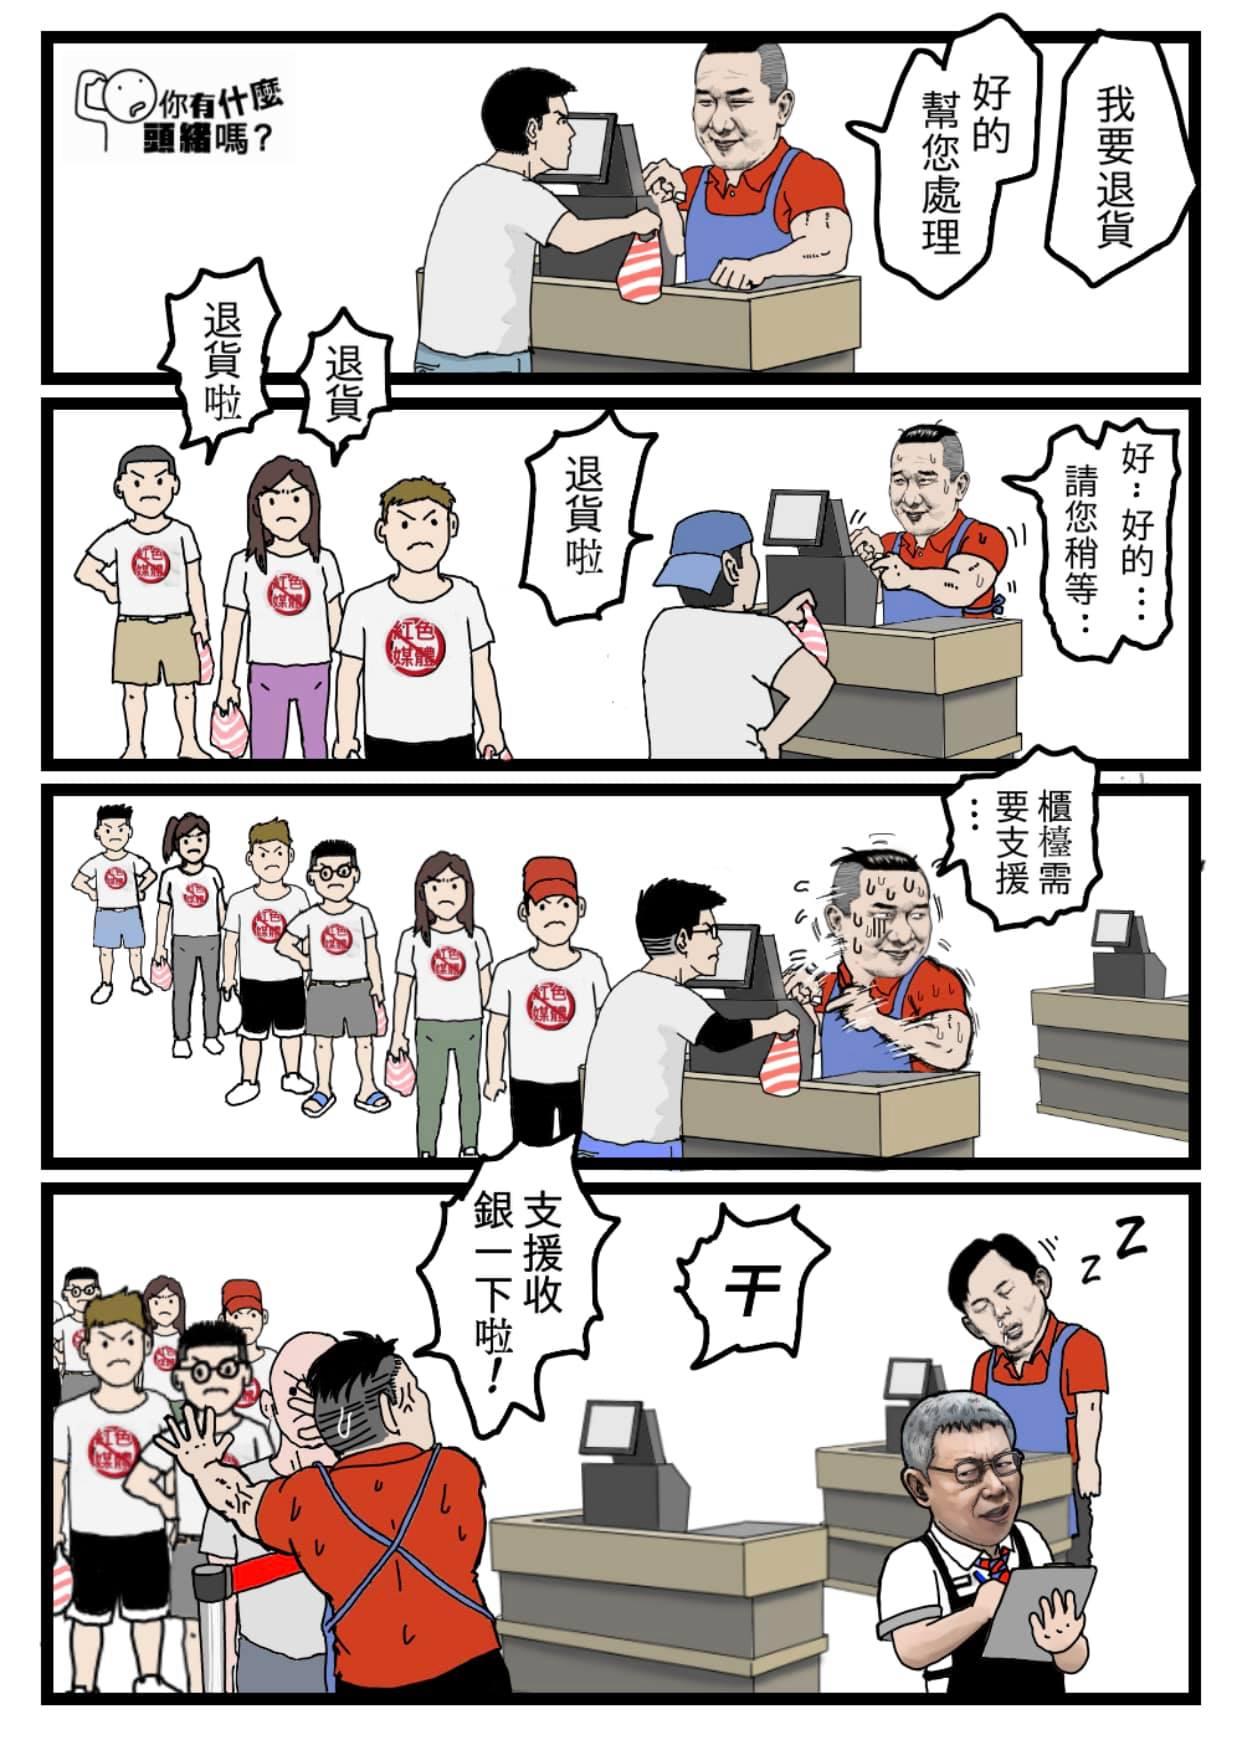 光睡覺就是在幫台灣